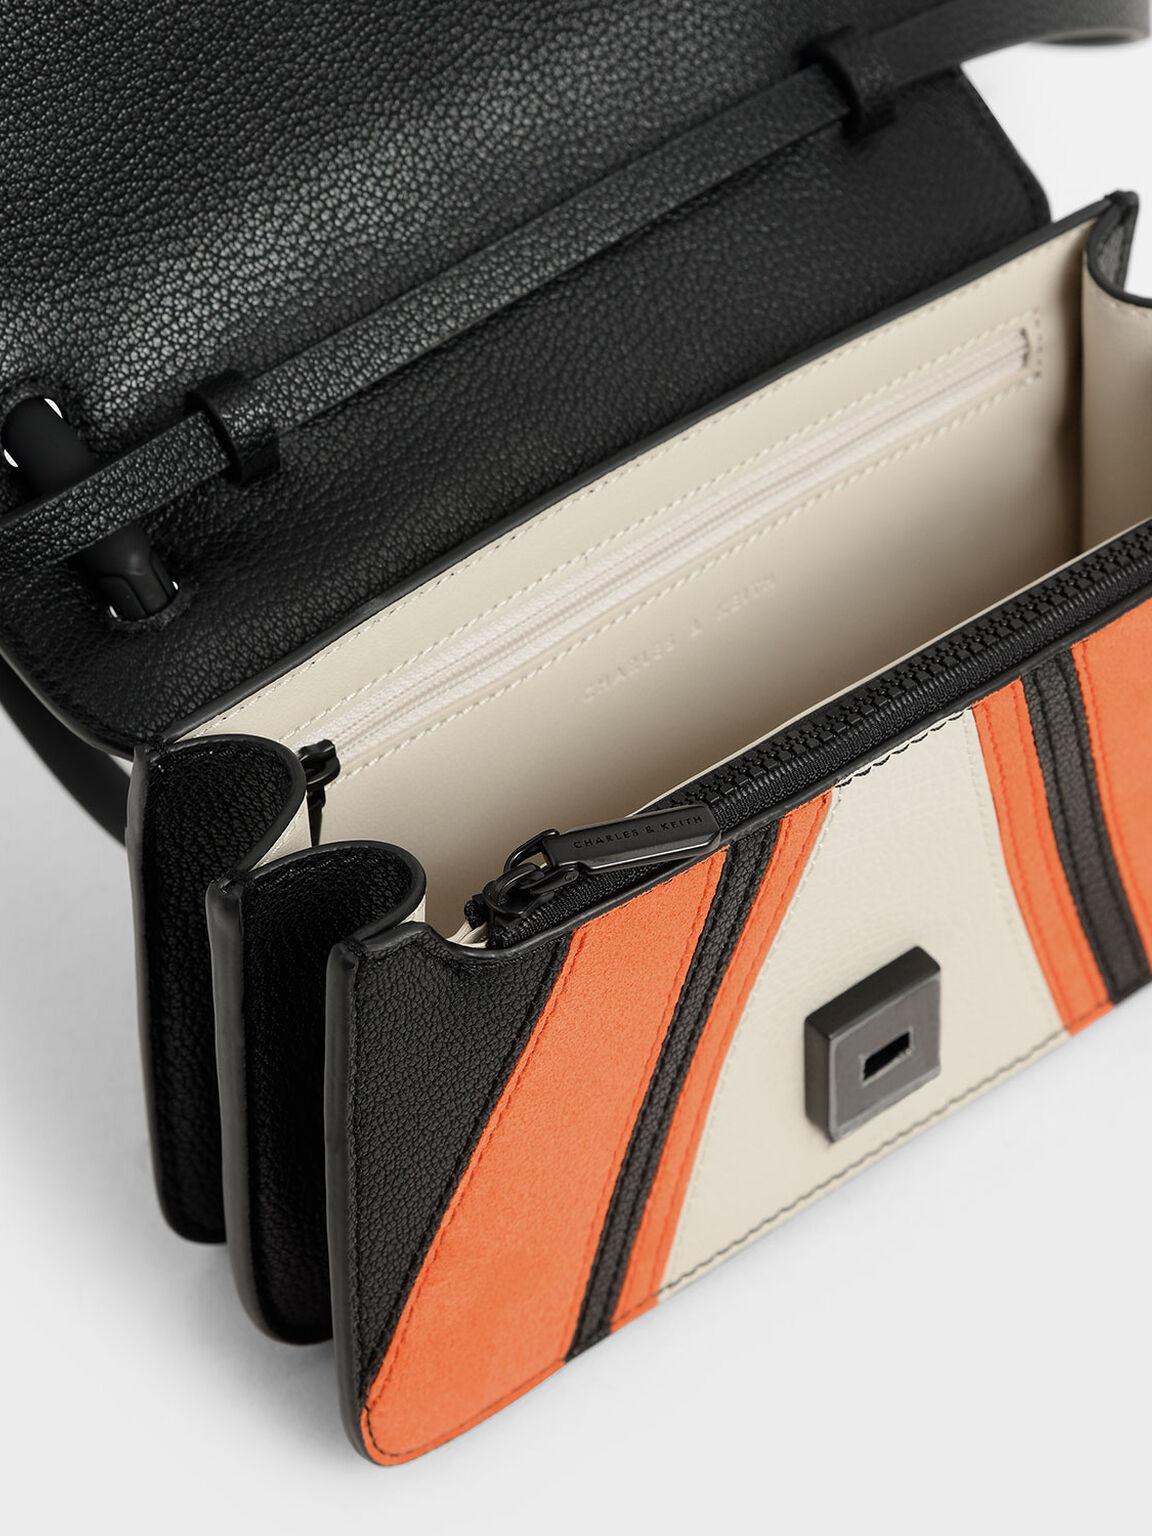 Microsuede Acrylic Handle Wristlet Clutch, Multi, hi-res